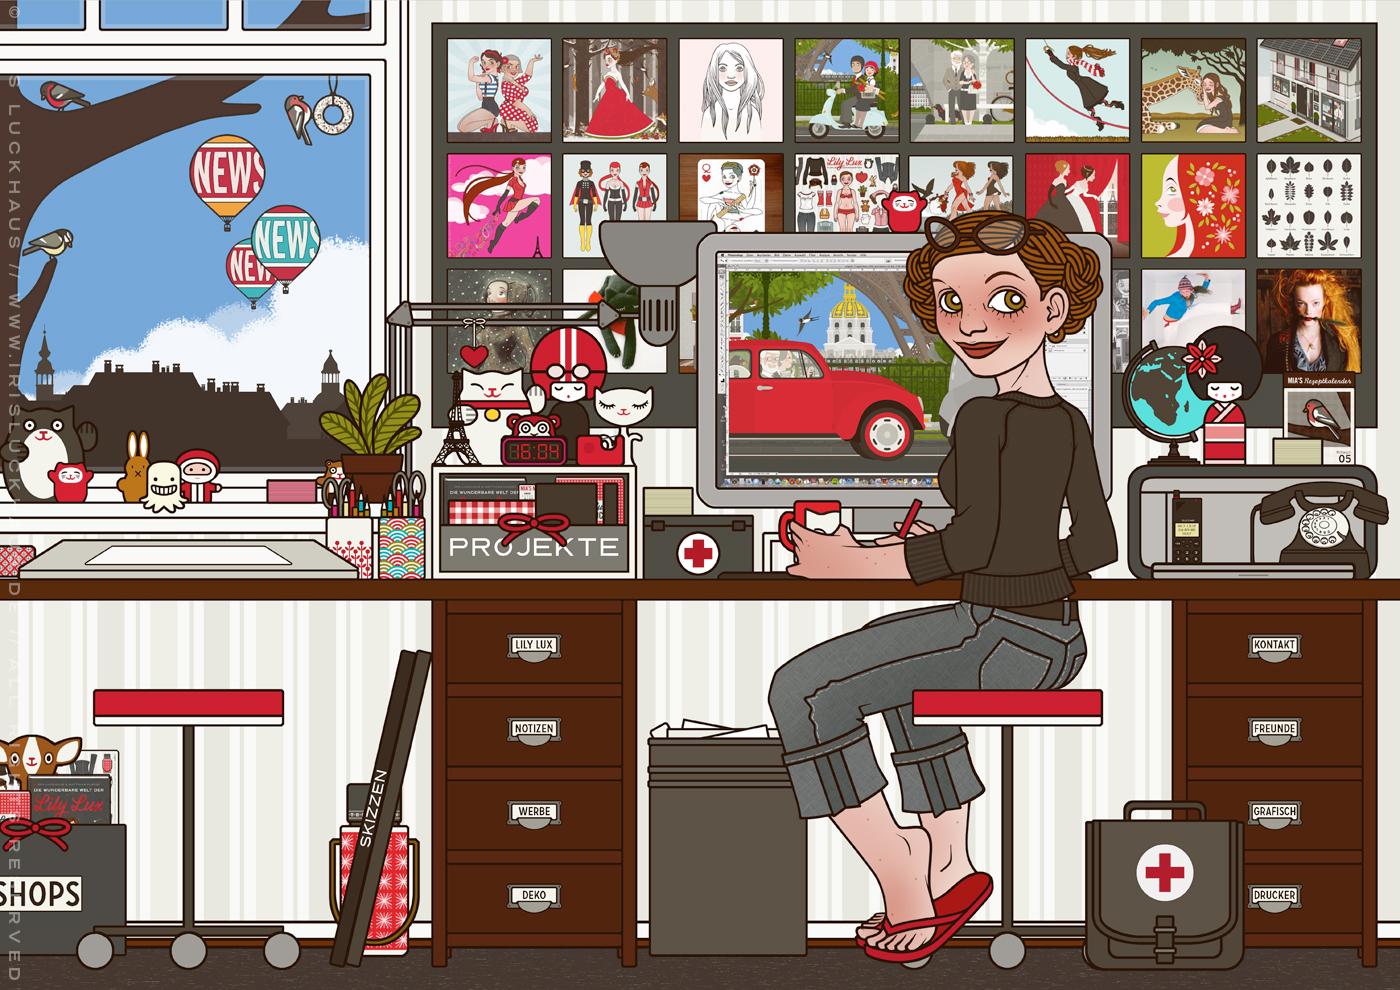 Profilbild mit Selbstbildnis der Illustratorin Iris Luckhaus bei der Arbeit in ihrem Büro in Wuppertal